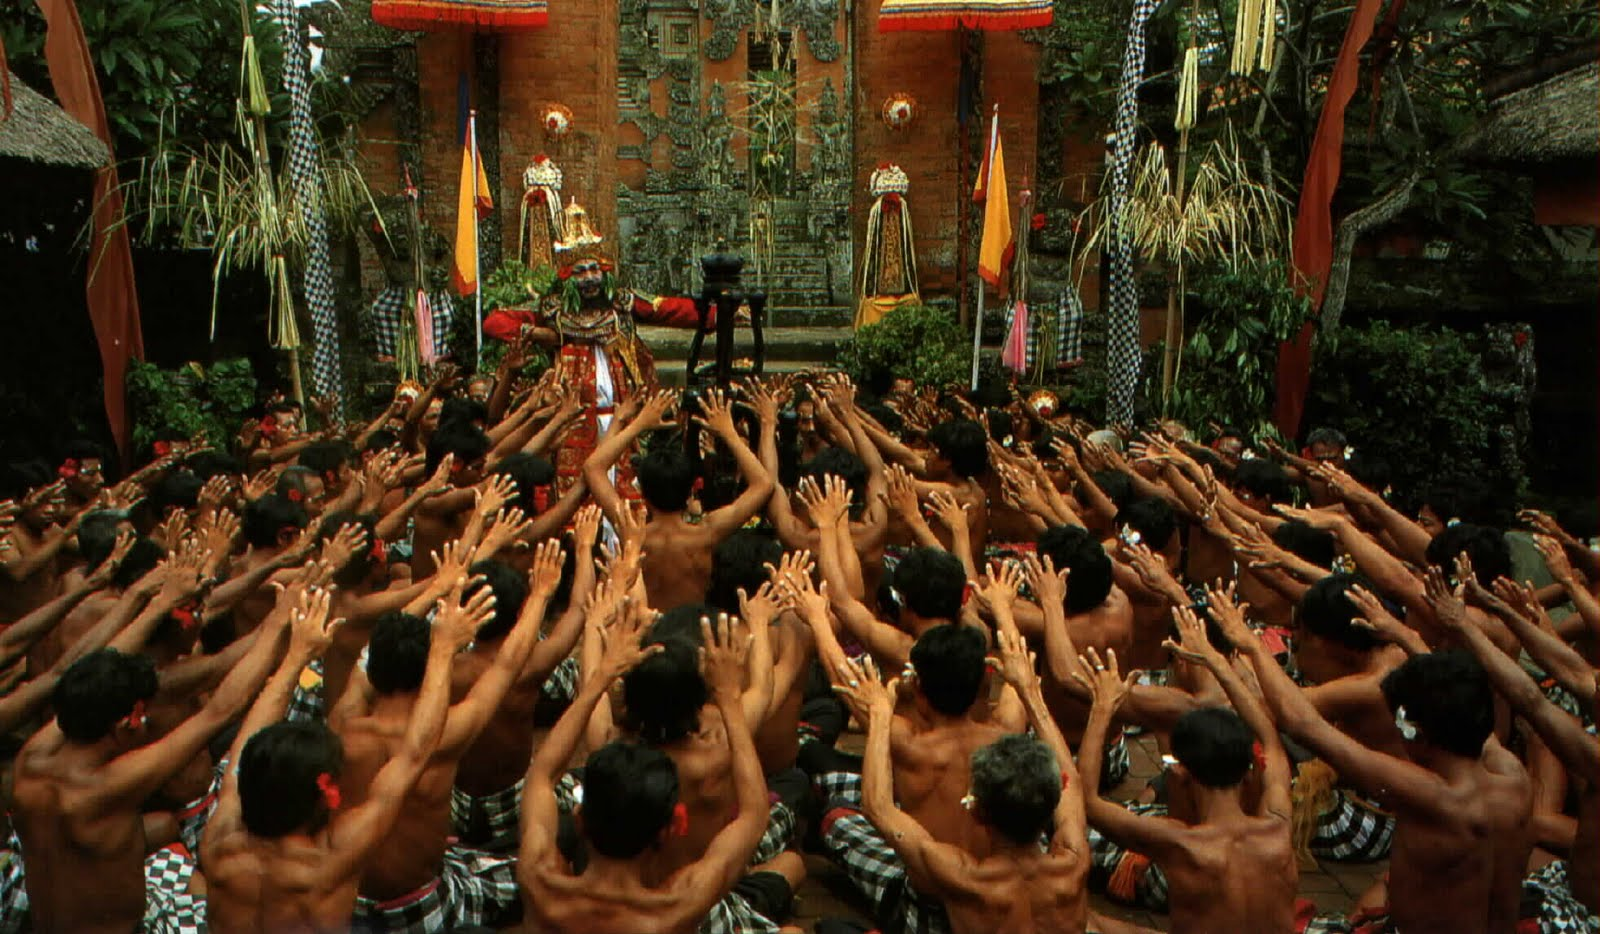 Culture Of Bali Indonesia Tari Kecak